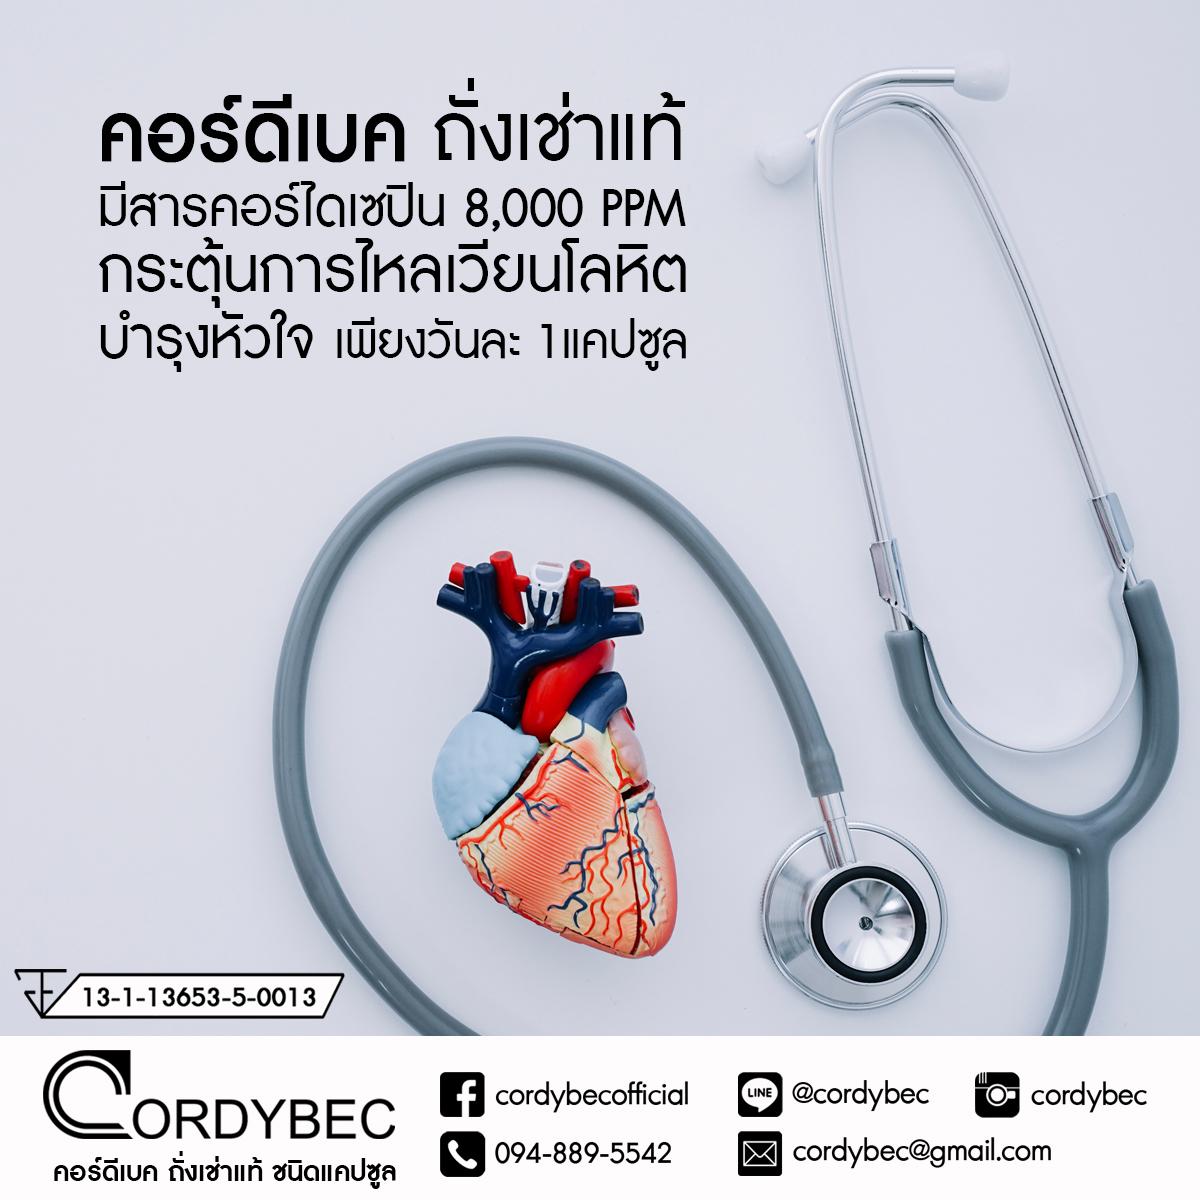 Cordybec Heart 014